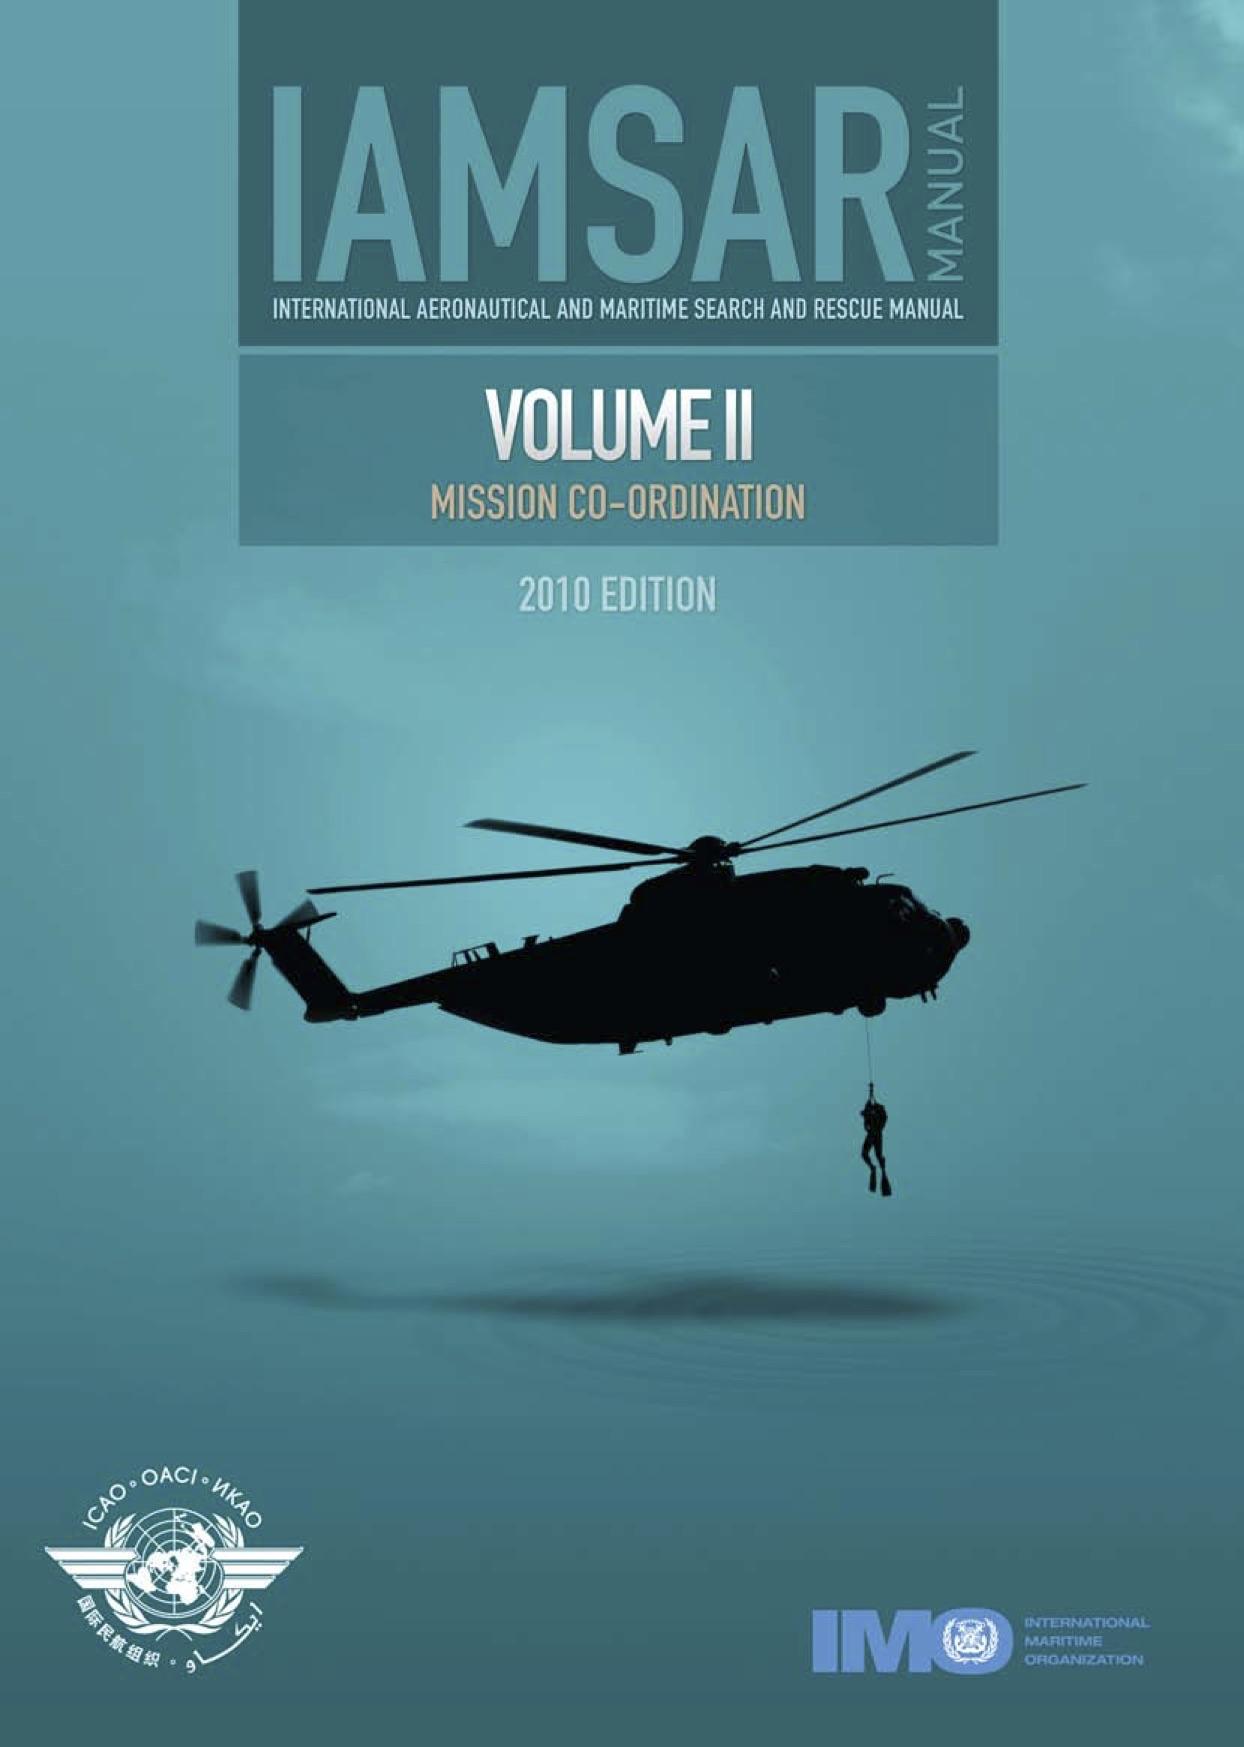 IAMSAR Manual Vol 2